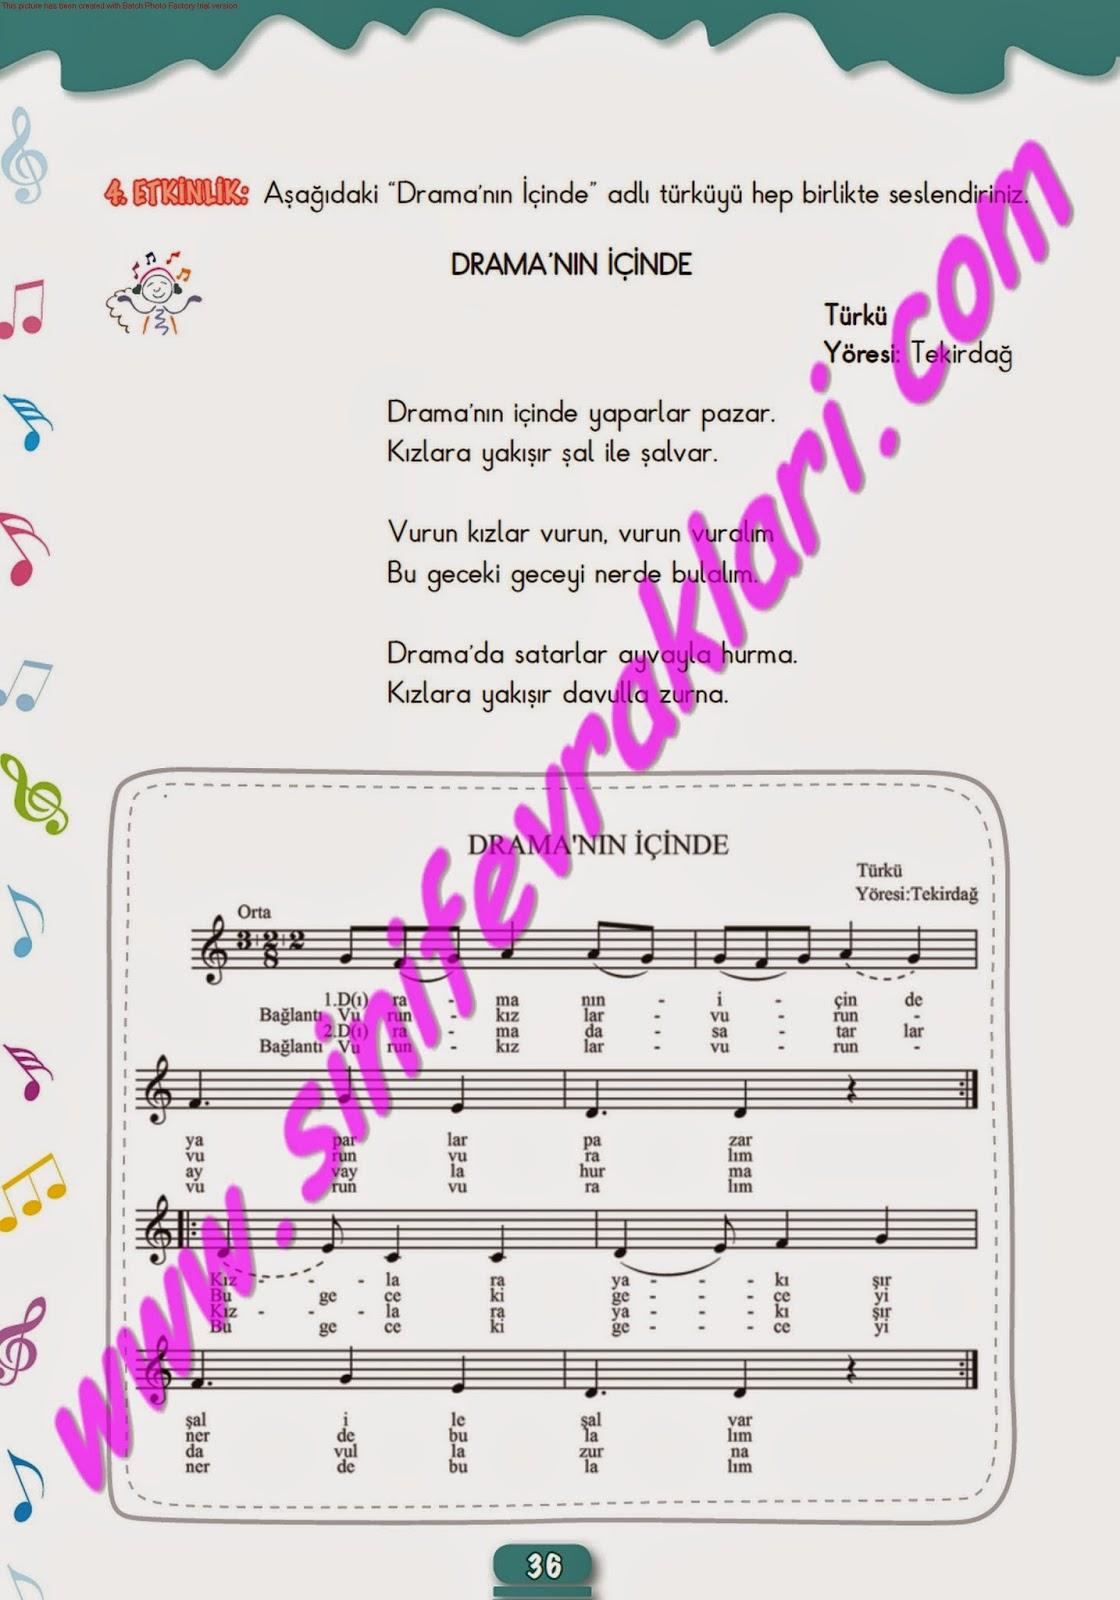 5sınıf Müzik çalışma Kitabı Cevapları Meb Yayınları Sayfa 36 Kpss